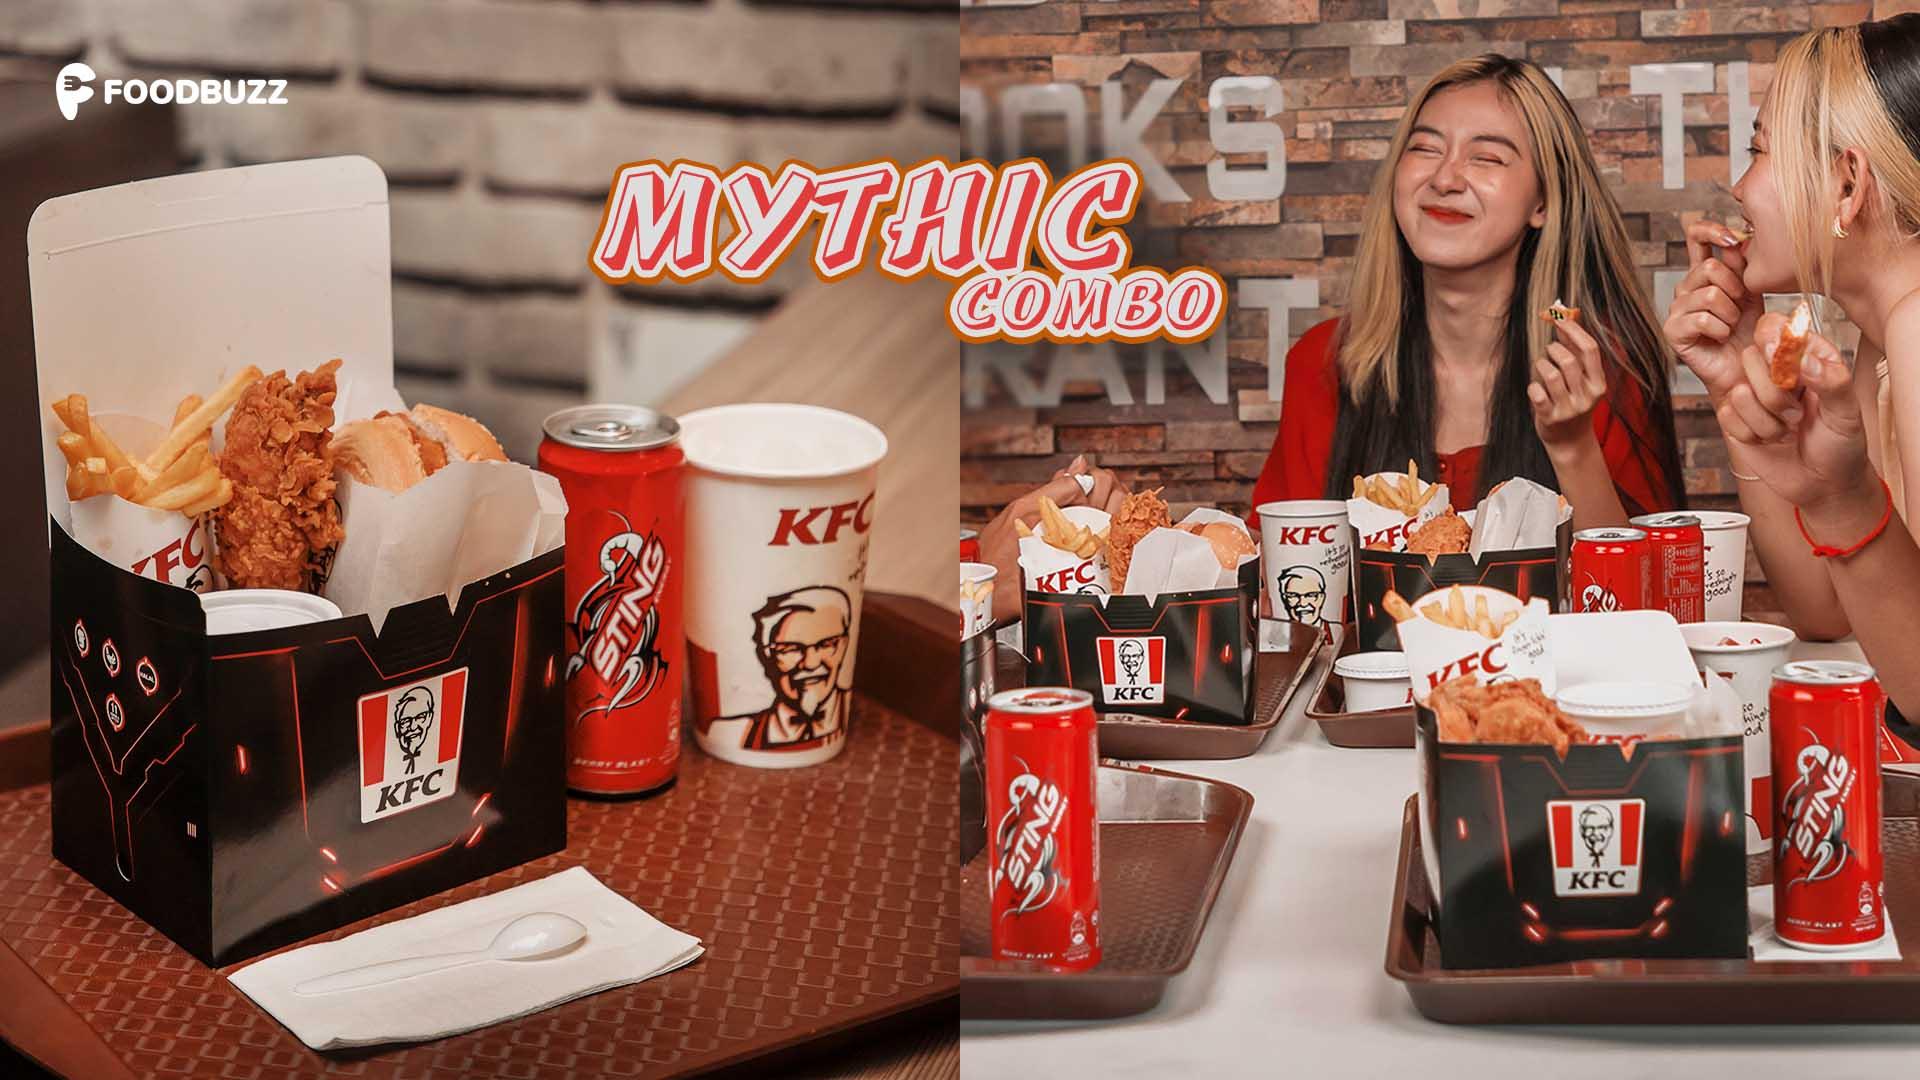 ៣ជម្រើសនៃ Mythic Combo ពី KFC ឈុតអាហារដ៏ស័ក្តិសមសម្រាប់ហ្វេន Mobile Legends: Bang Bang